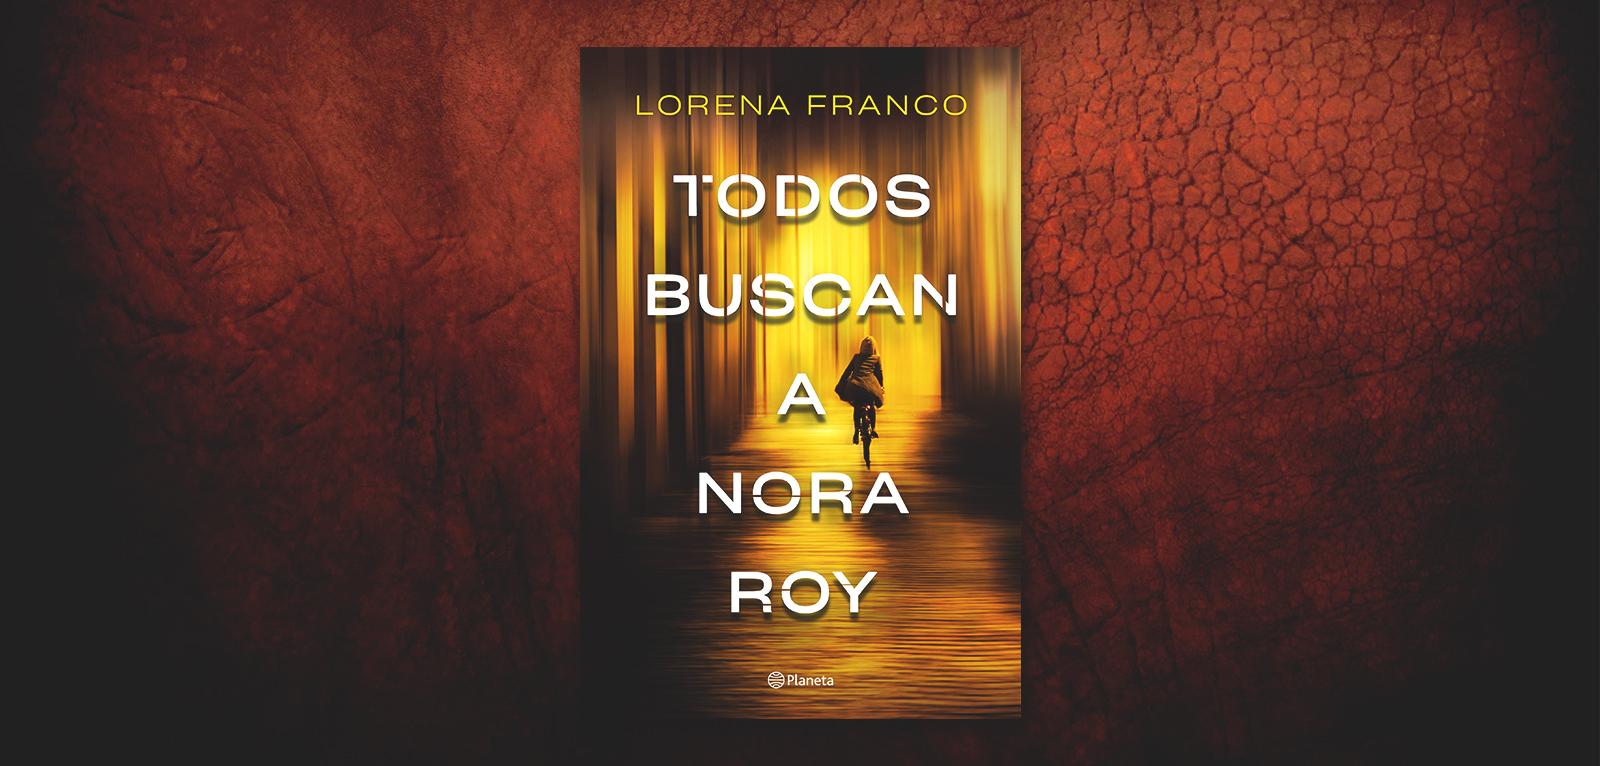 Todos buscan a Nora Roy · Lorena Franco